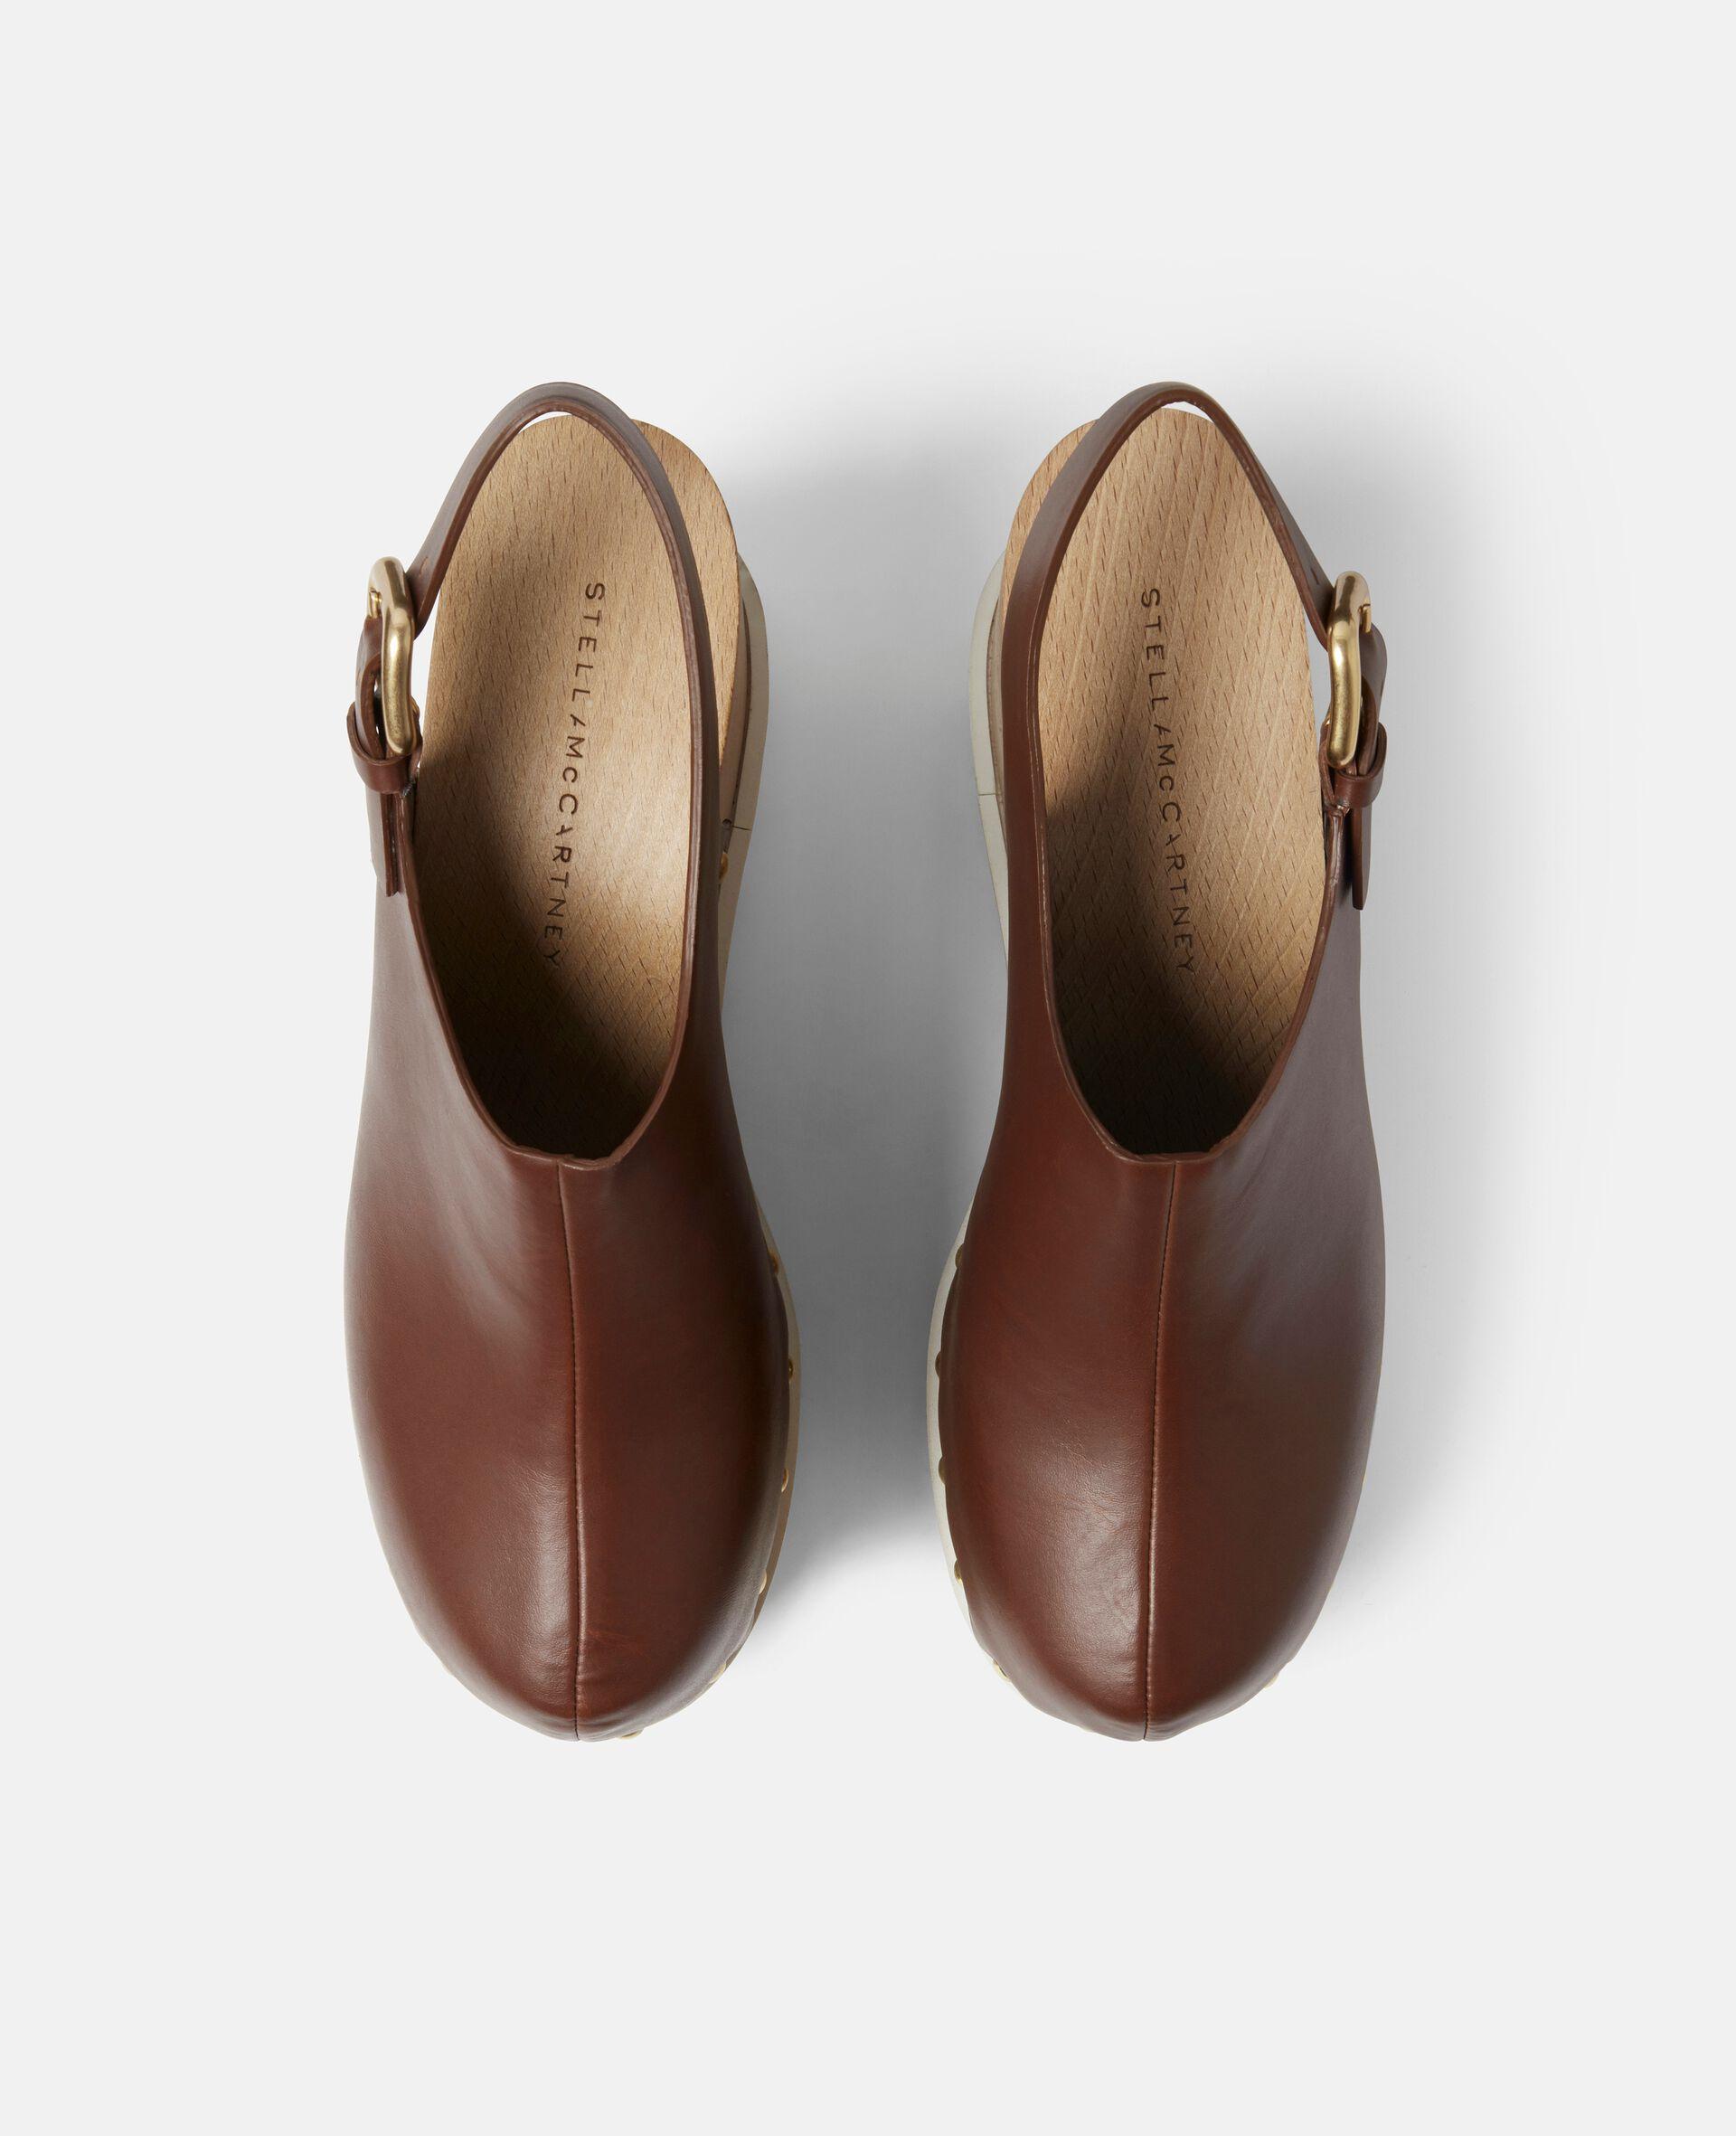 Elyse Stud Hardware Sandals-Brown-large image number 3